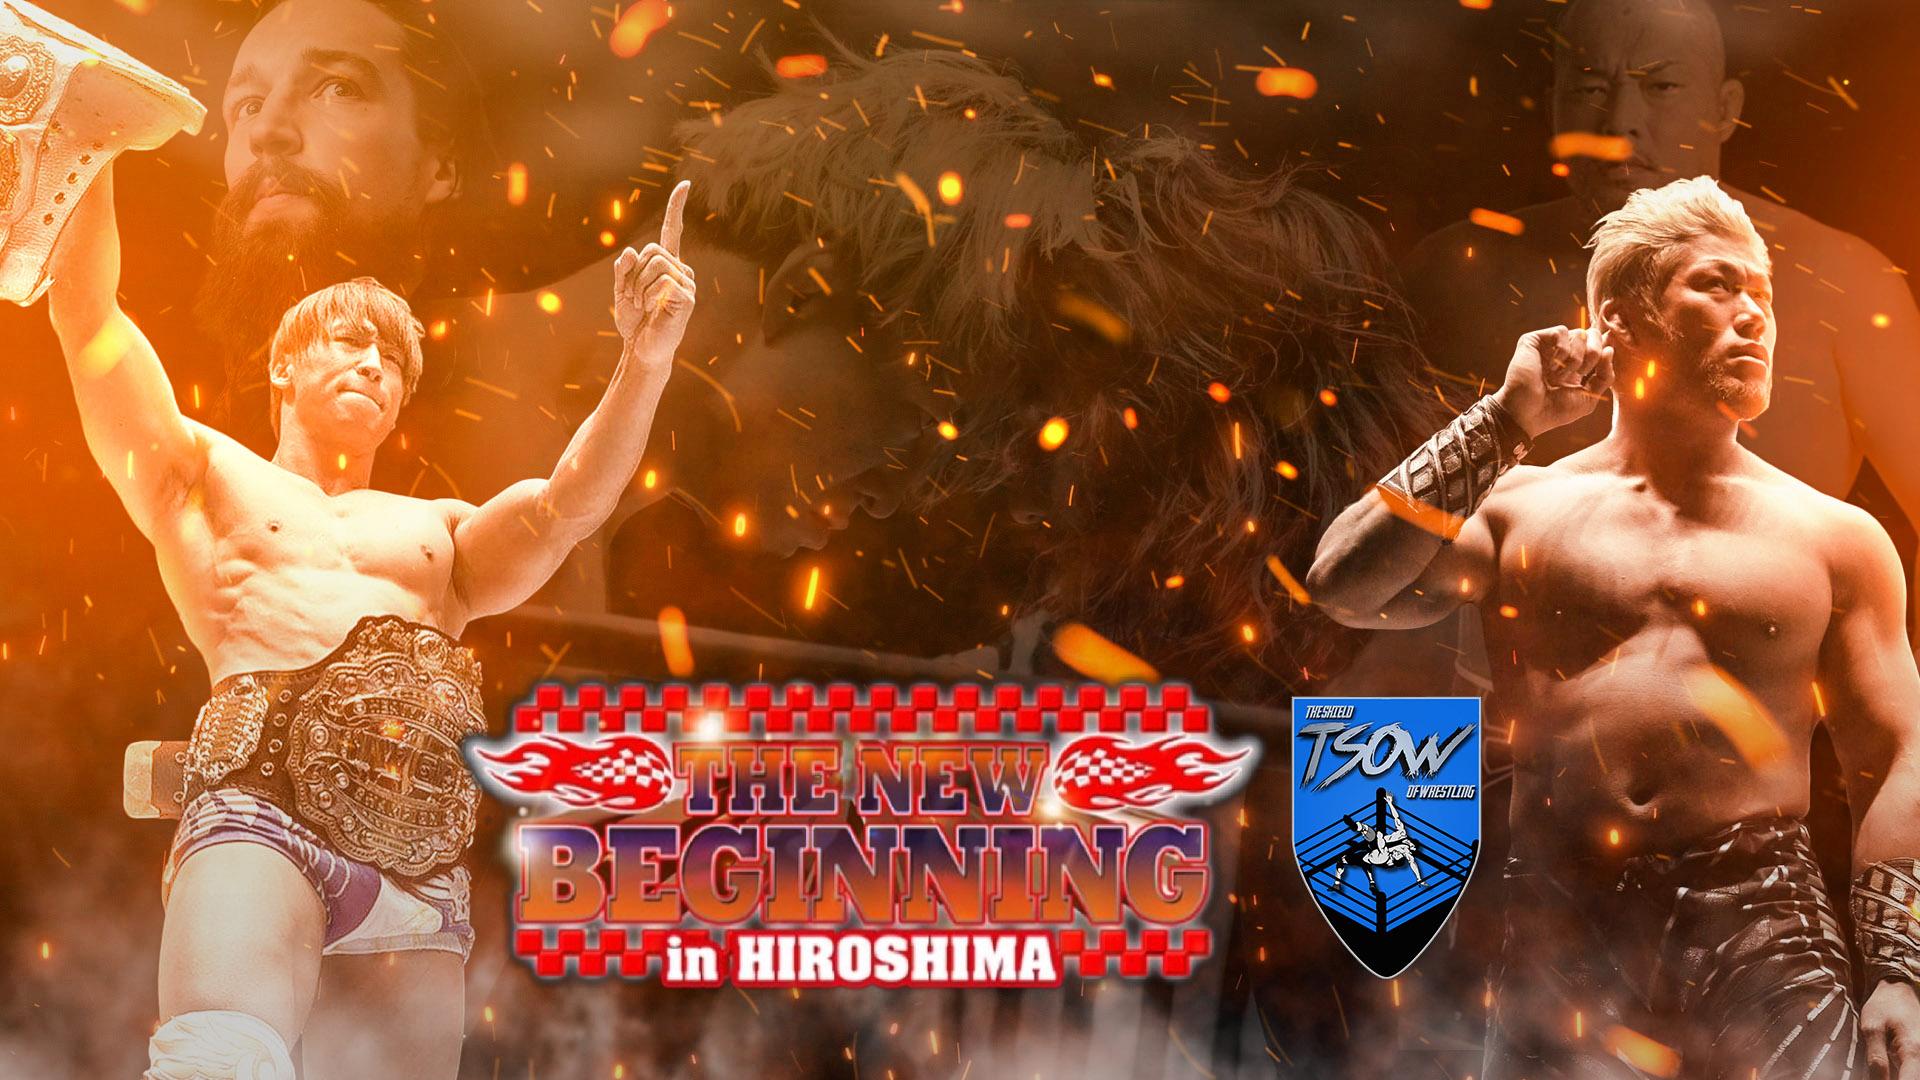 Kota Ibushi vs SANADA: chi ha vinto il match?